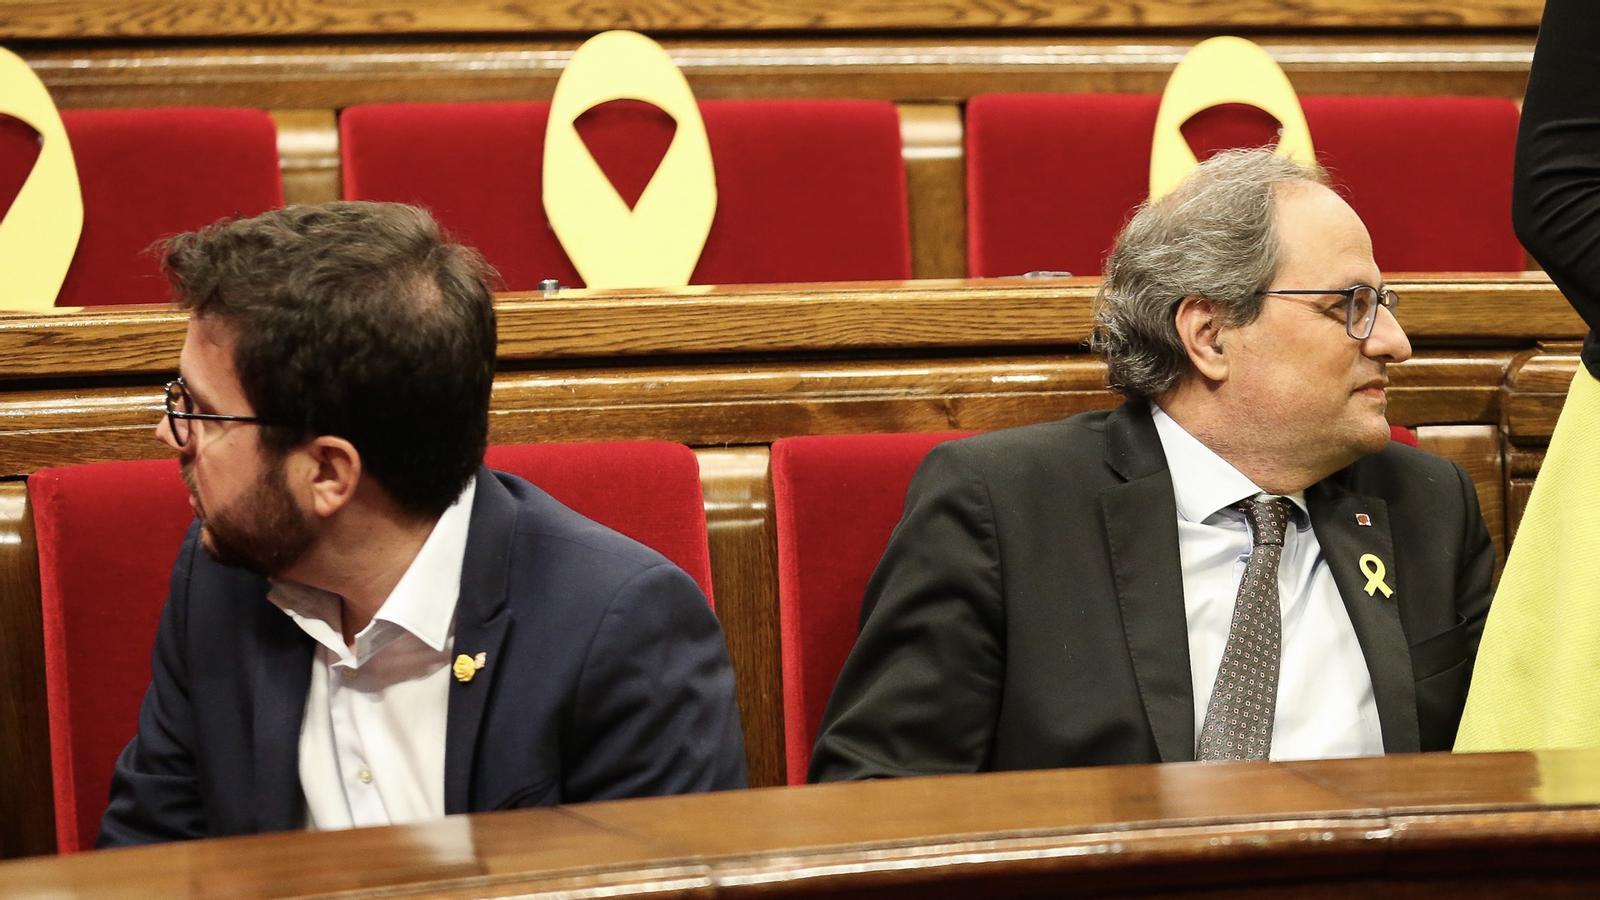 L'anàlisi d'Antoni Bassas: 'L'absurda derrota de la majoria'